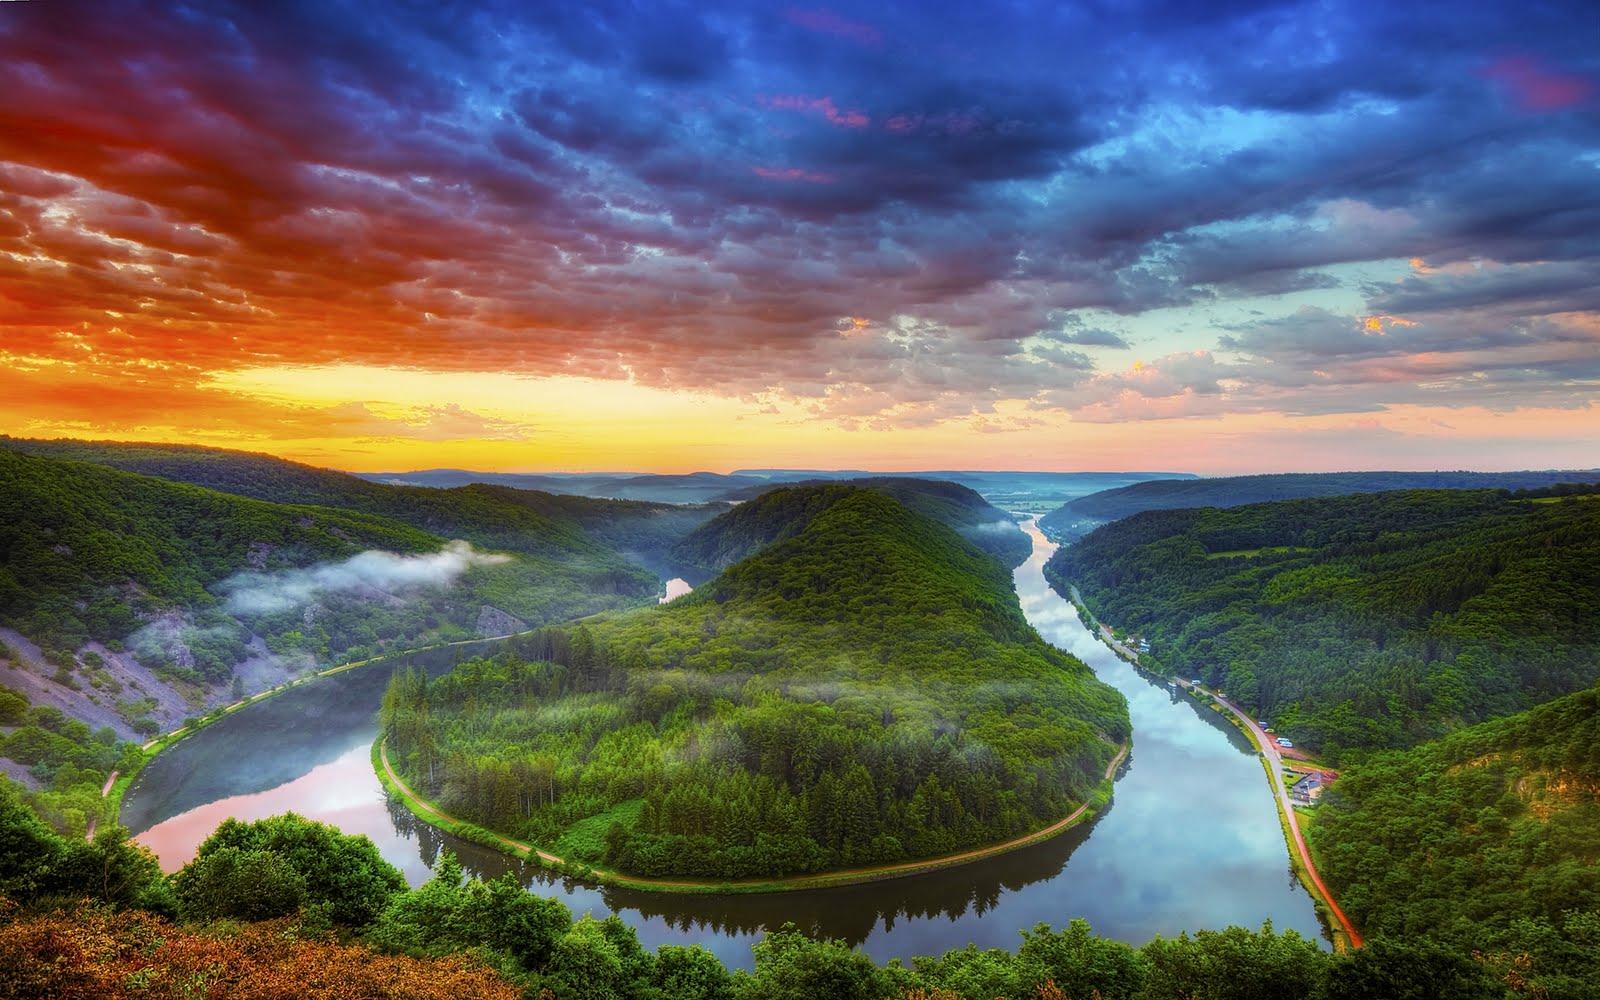 http://4.bp.blogspot.com/-LjlJvUpTpk4/Tn0iFEfAUAI/AAAAAAAAllQ/gDVr7JVikGQ/s1600/sunset-in-Amanecer-en-el-paraiso-paradise-1920x1200-wallpaper.jpg